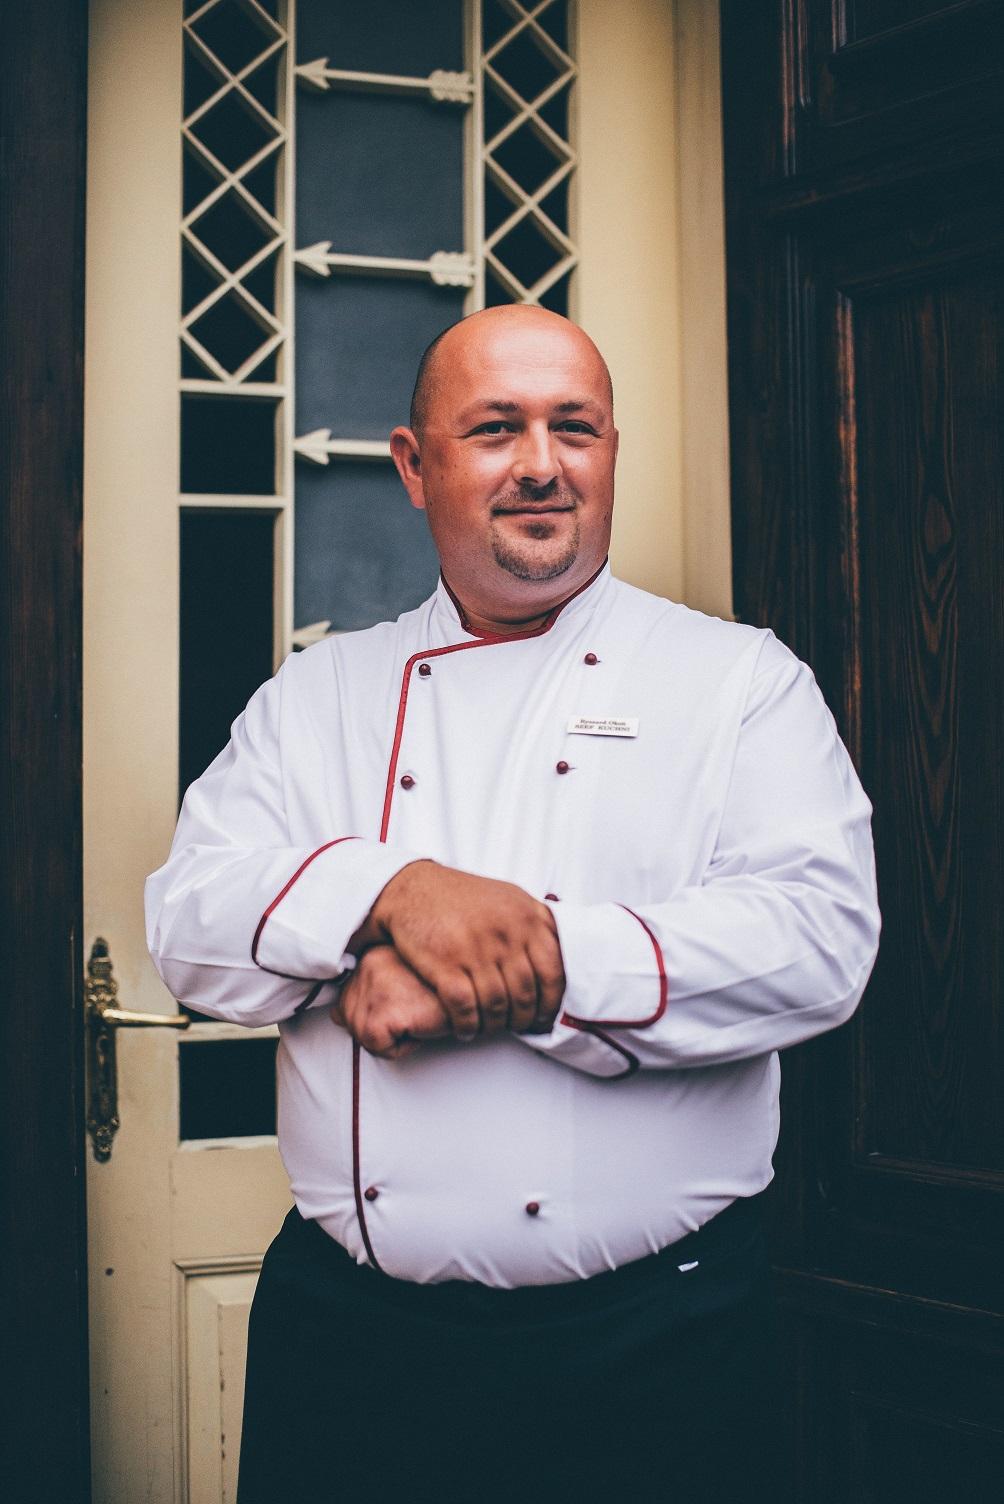 Szef kuchni restauracji Zamku Krokowa